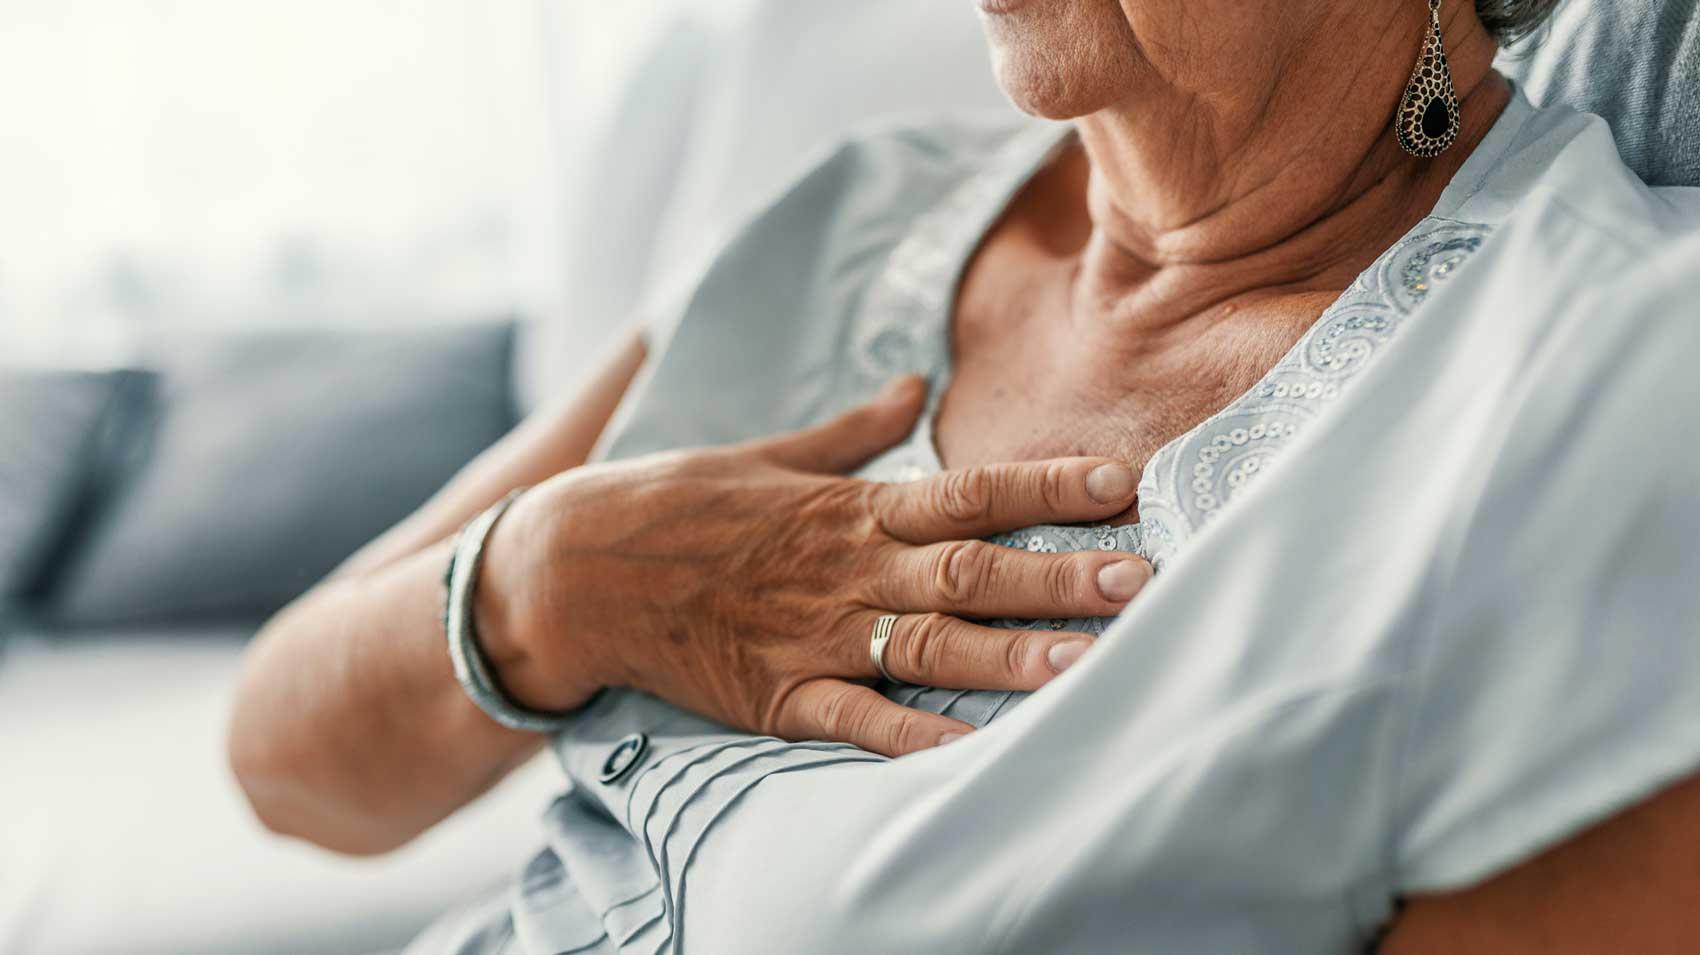 علت درد در قفسه سینه در هنگام بلع چیست؟